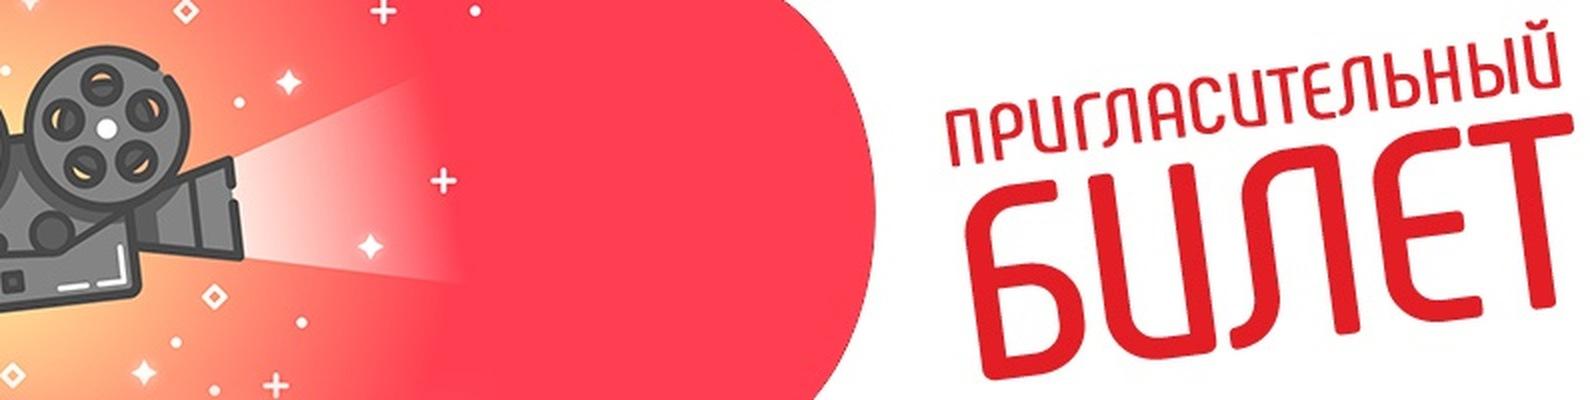 Пригласительный билет | ВКонтакте  Пригласительный Билет В Клуб